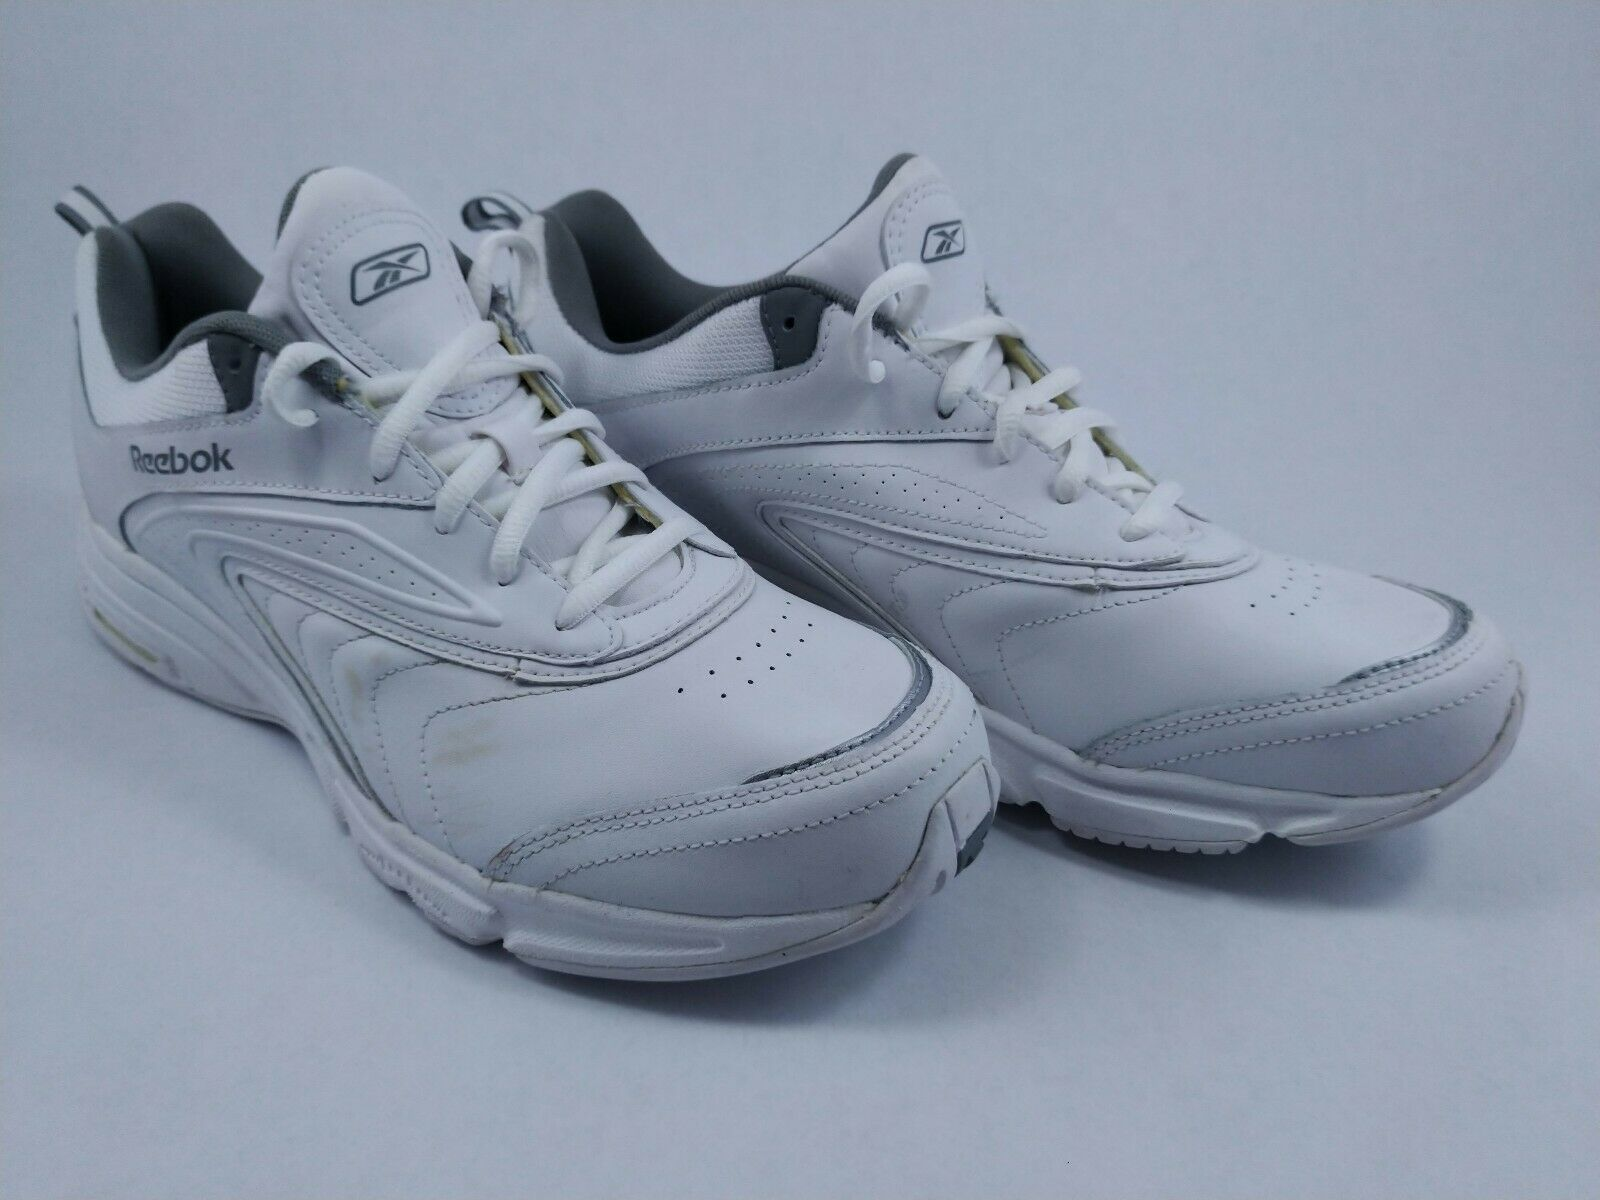 Vintage Reebok Walkway DMX Foam White Mens shoes US 11M Sneakers